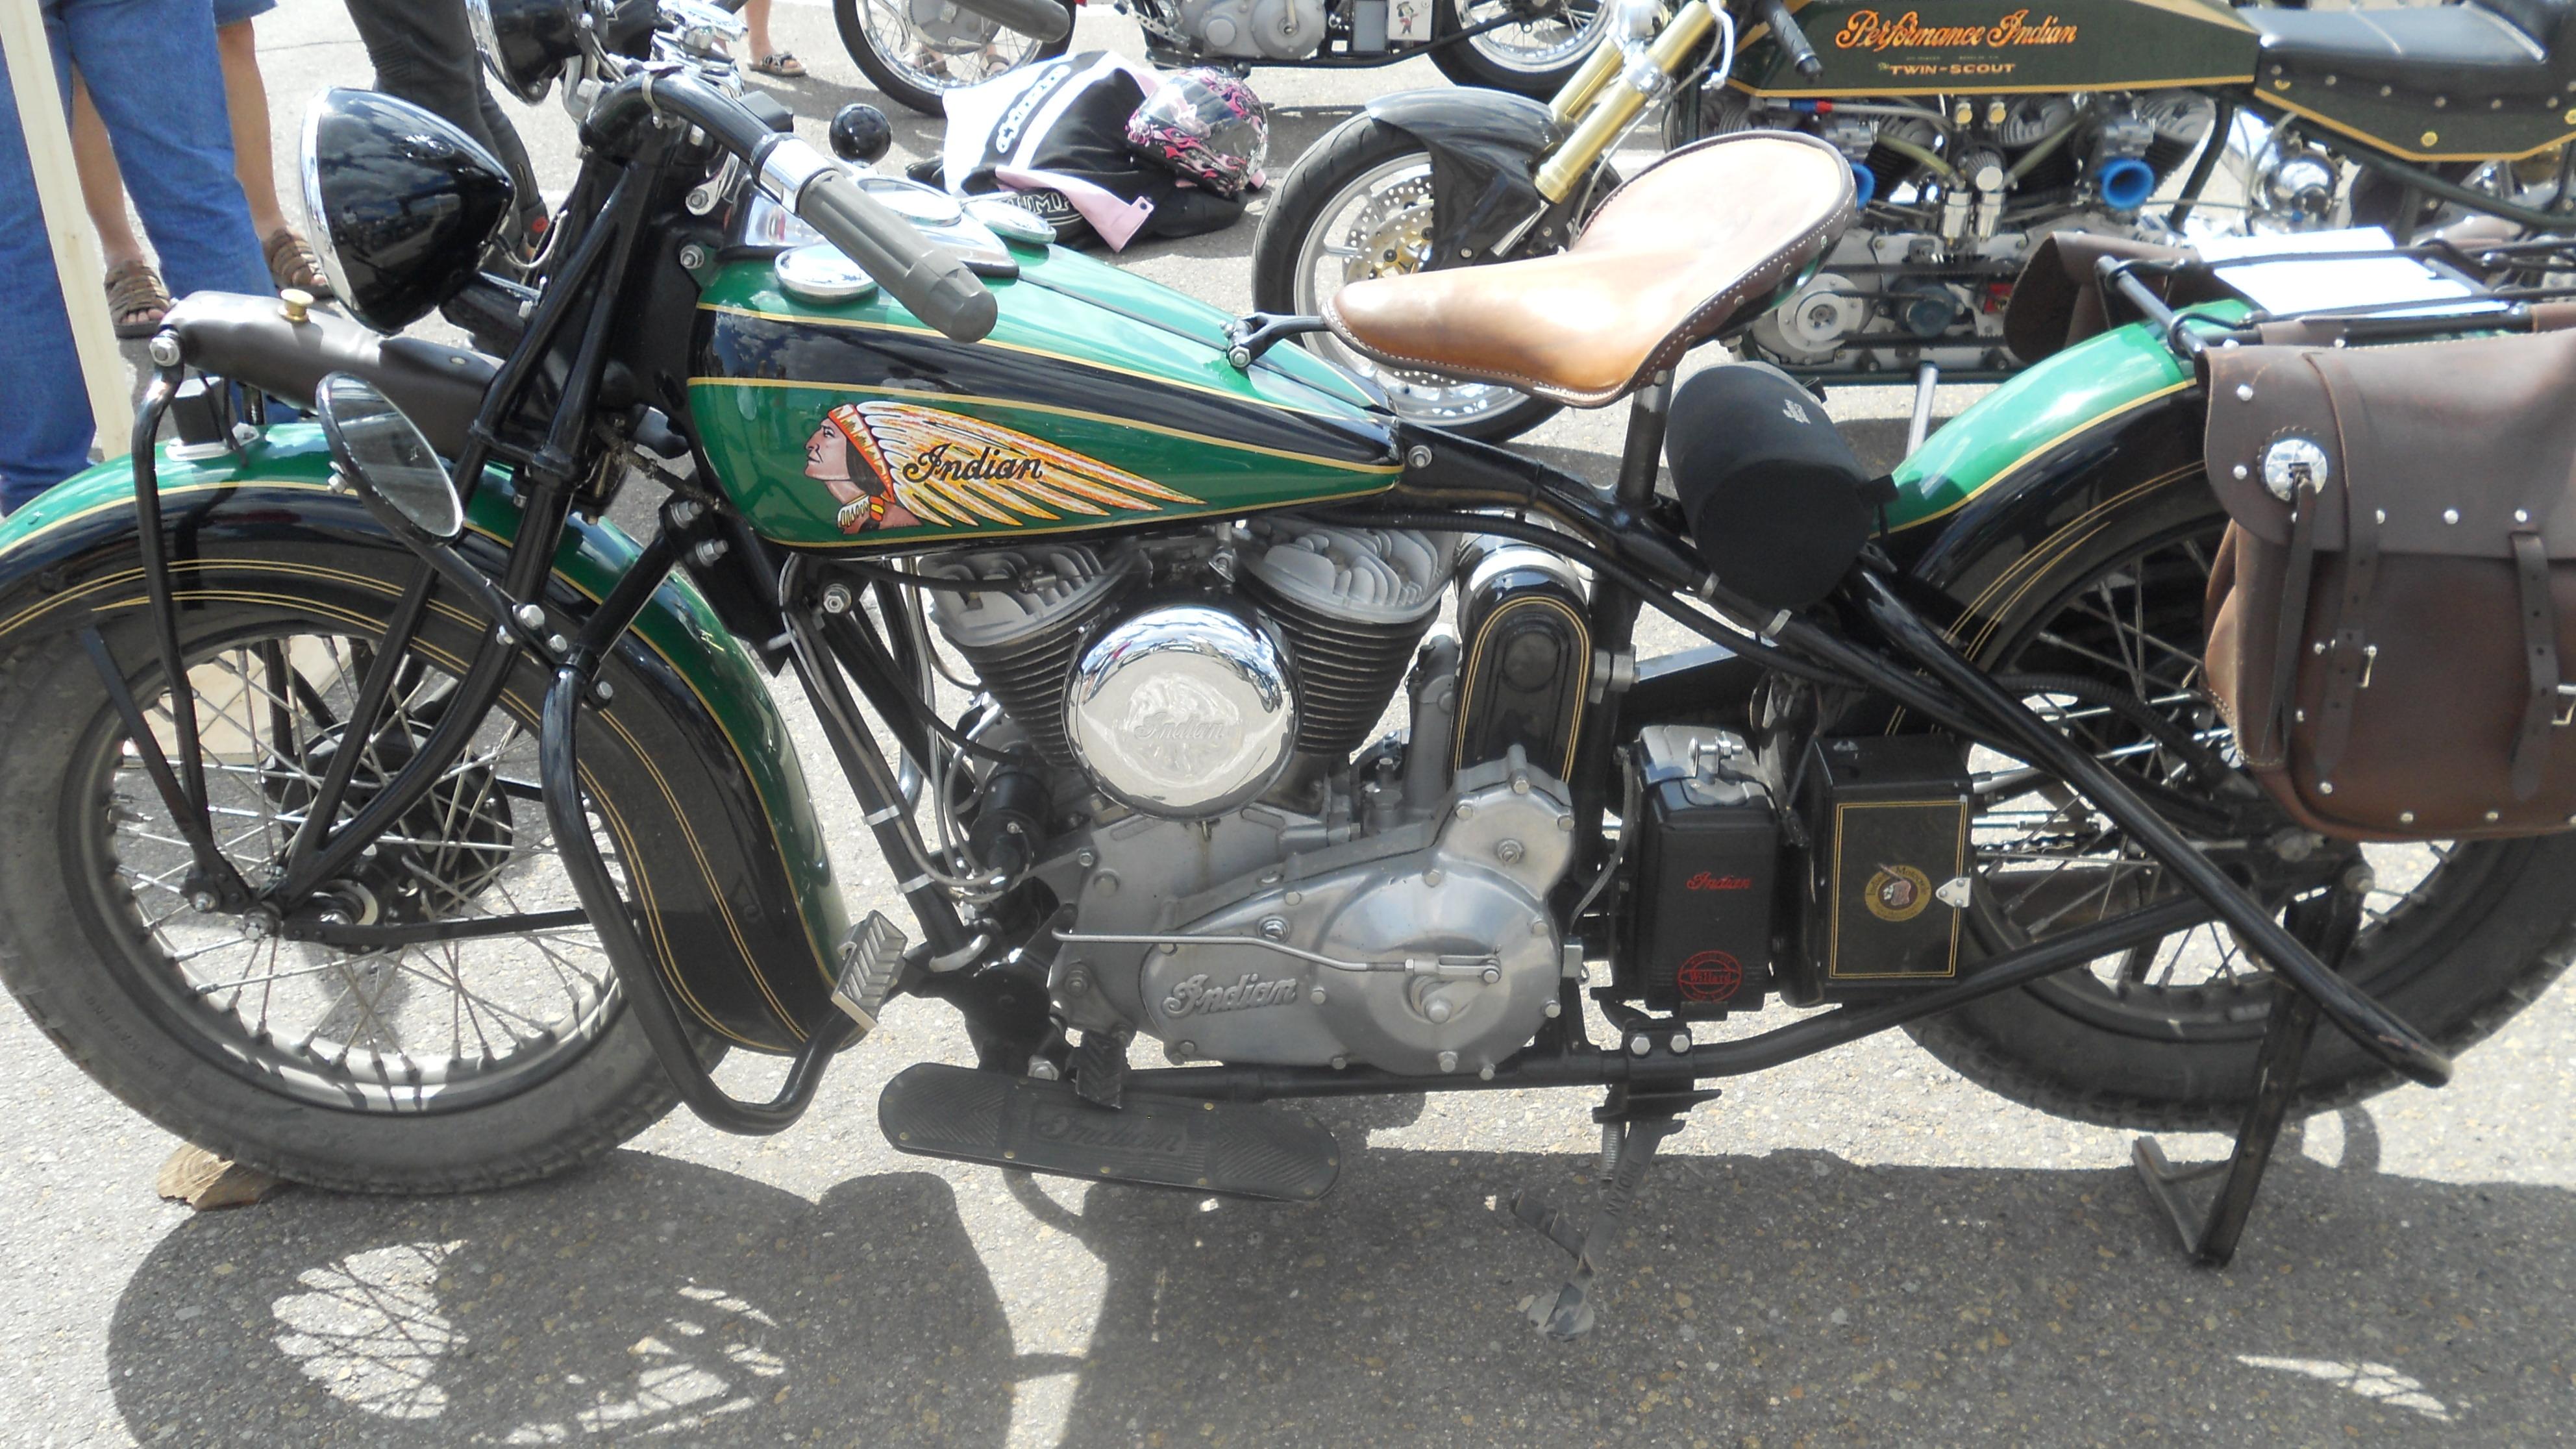 eld0rado motorcycle show june 2012 009.JPG